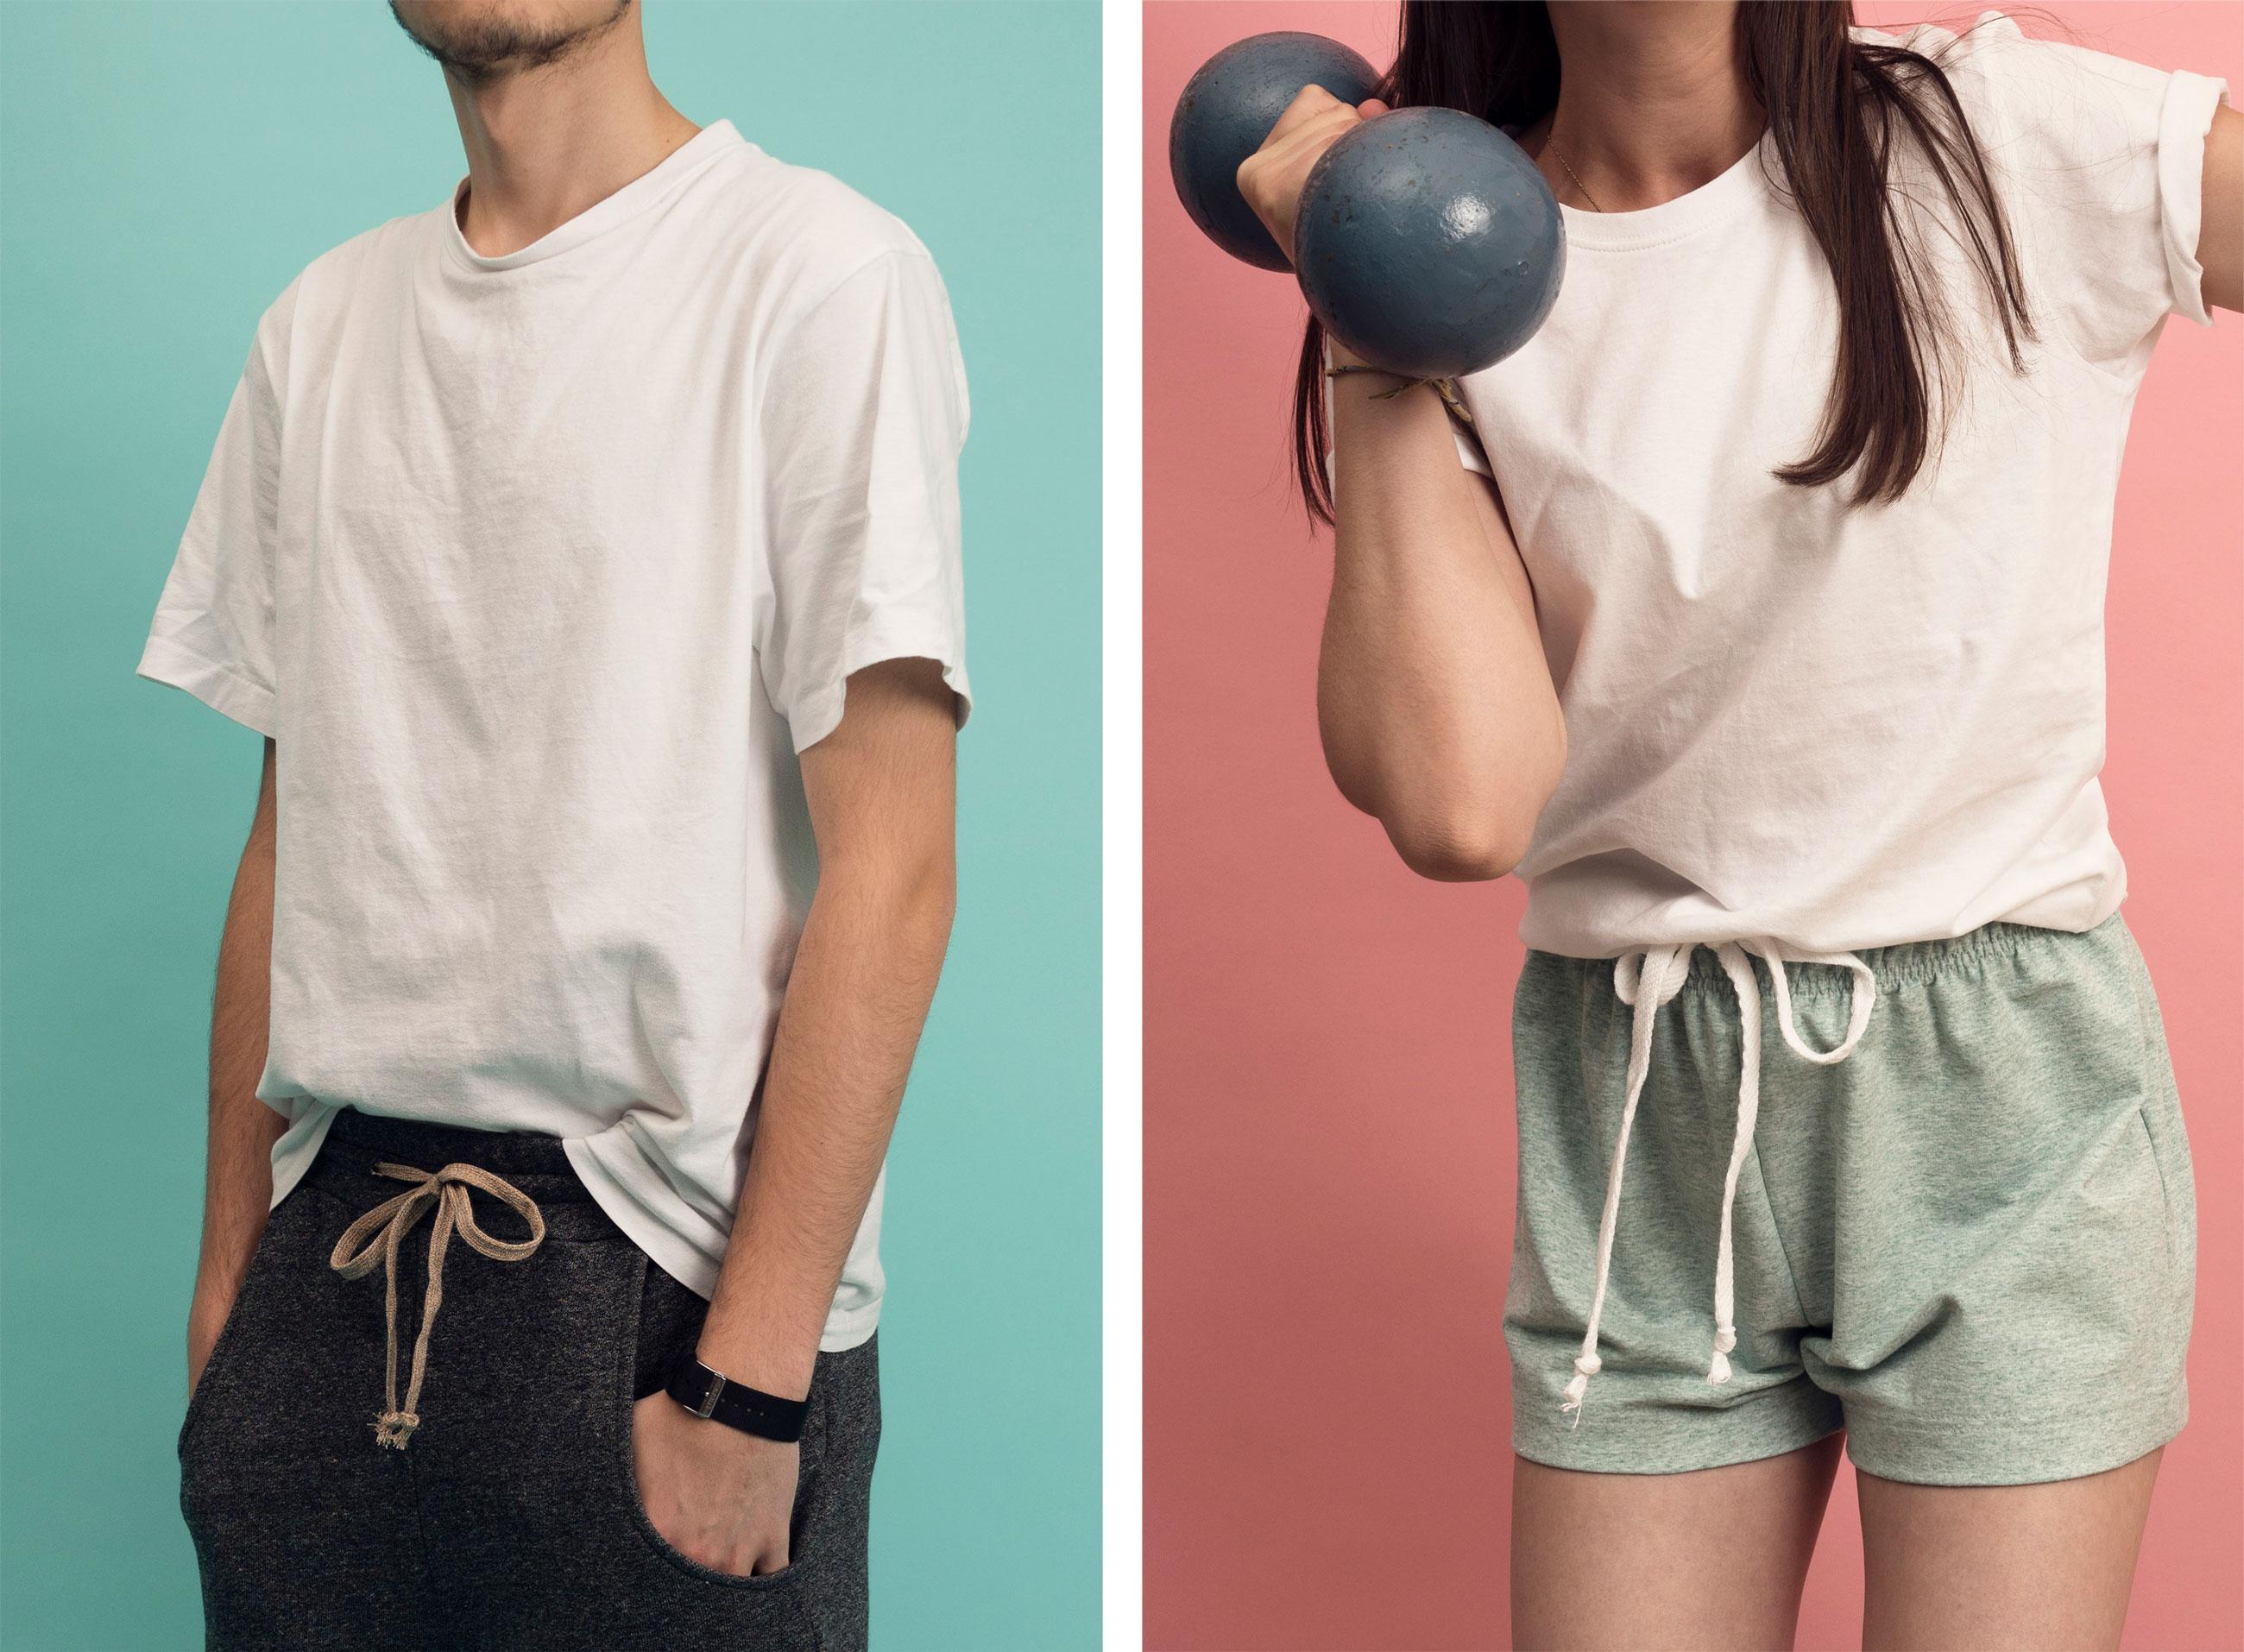 Textil Tricot Vogt – Katalog, fashion 04 ©Atelier Pol × Joëlle Lehmann